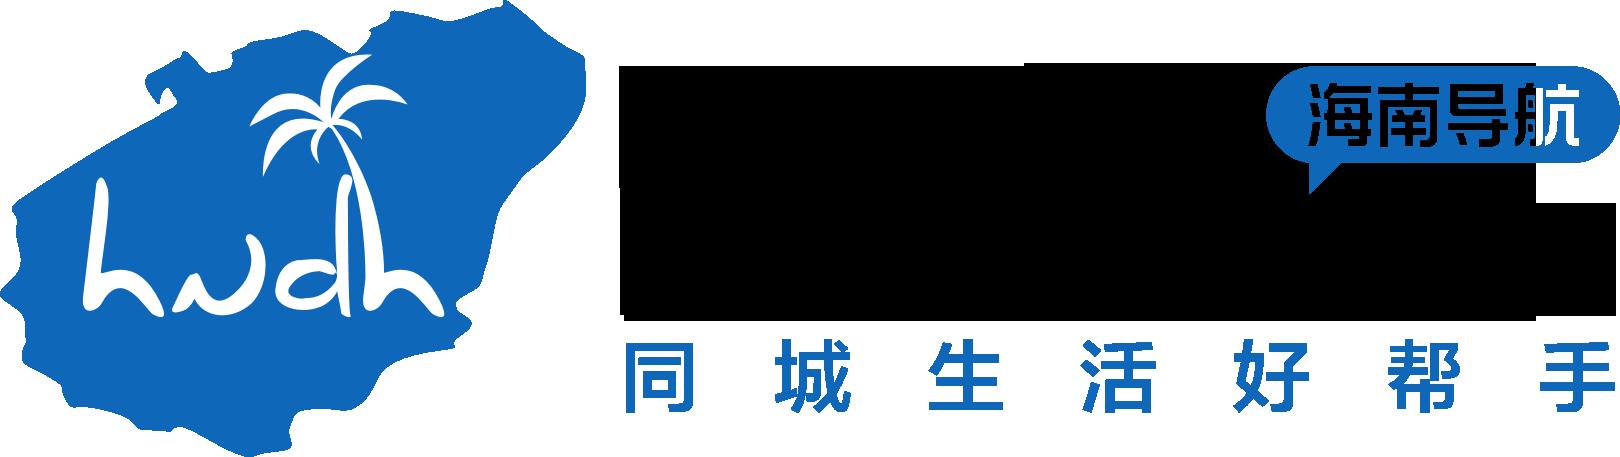 海南导航()-海南自贸港同城服务平台